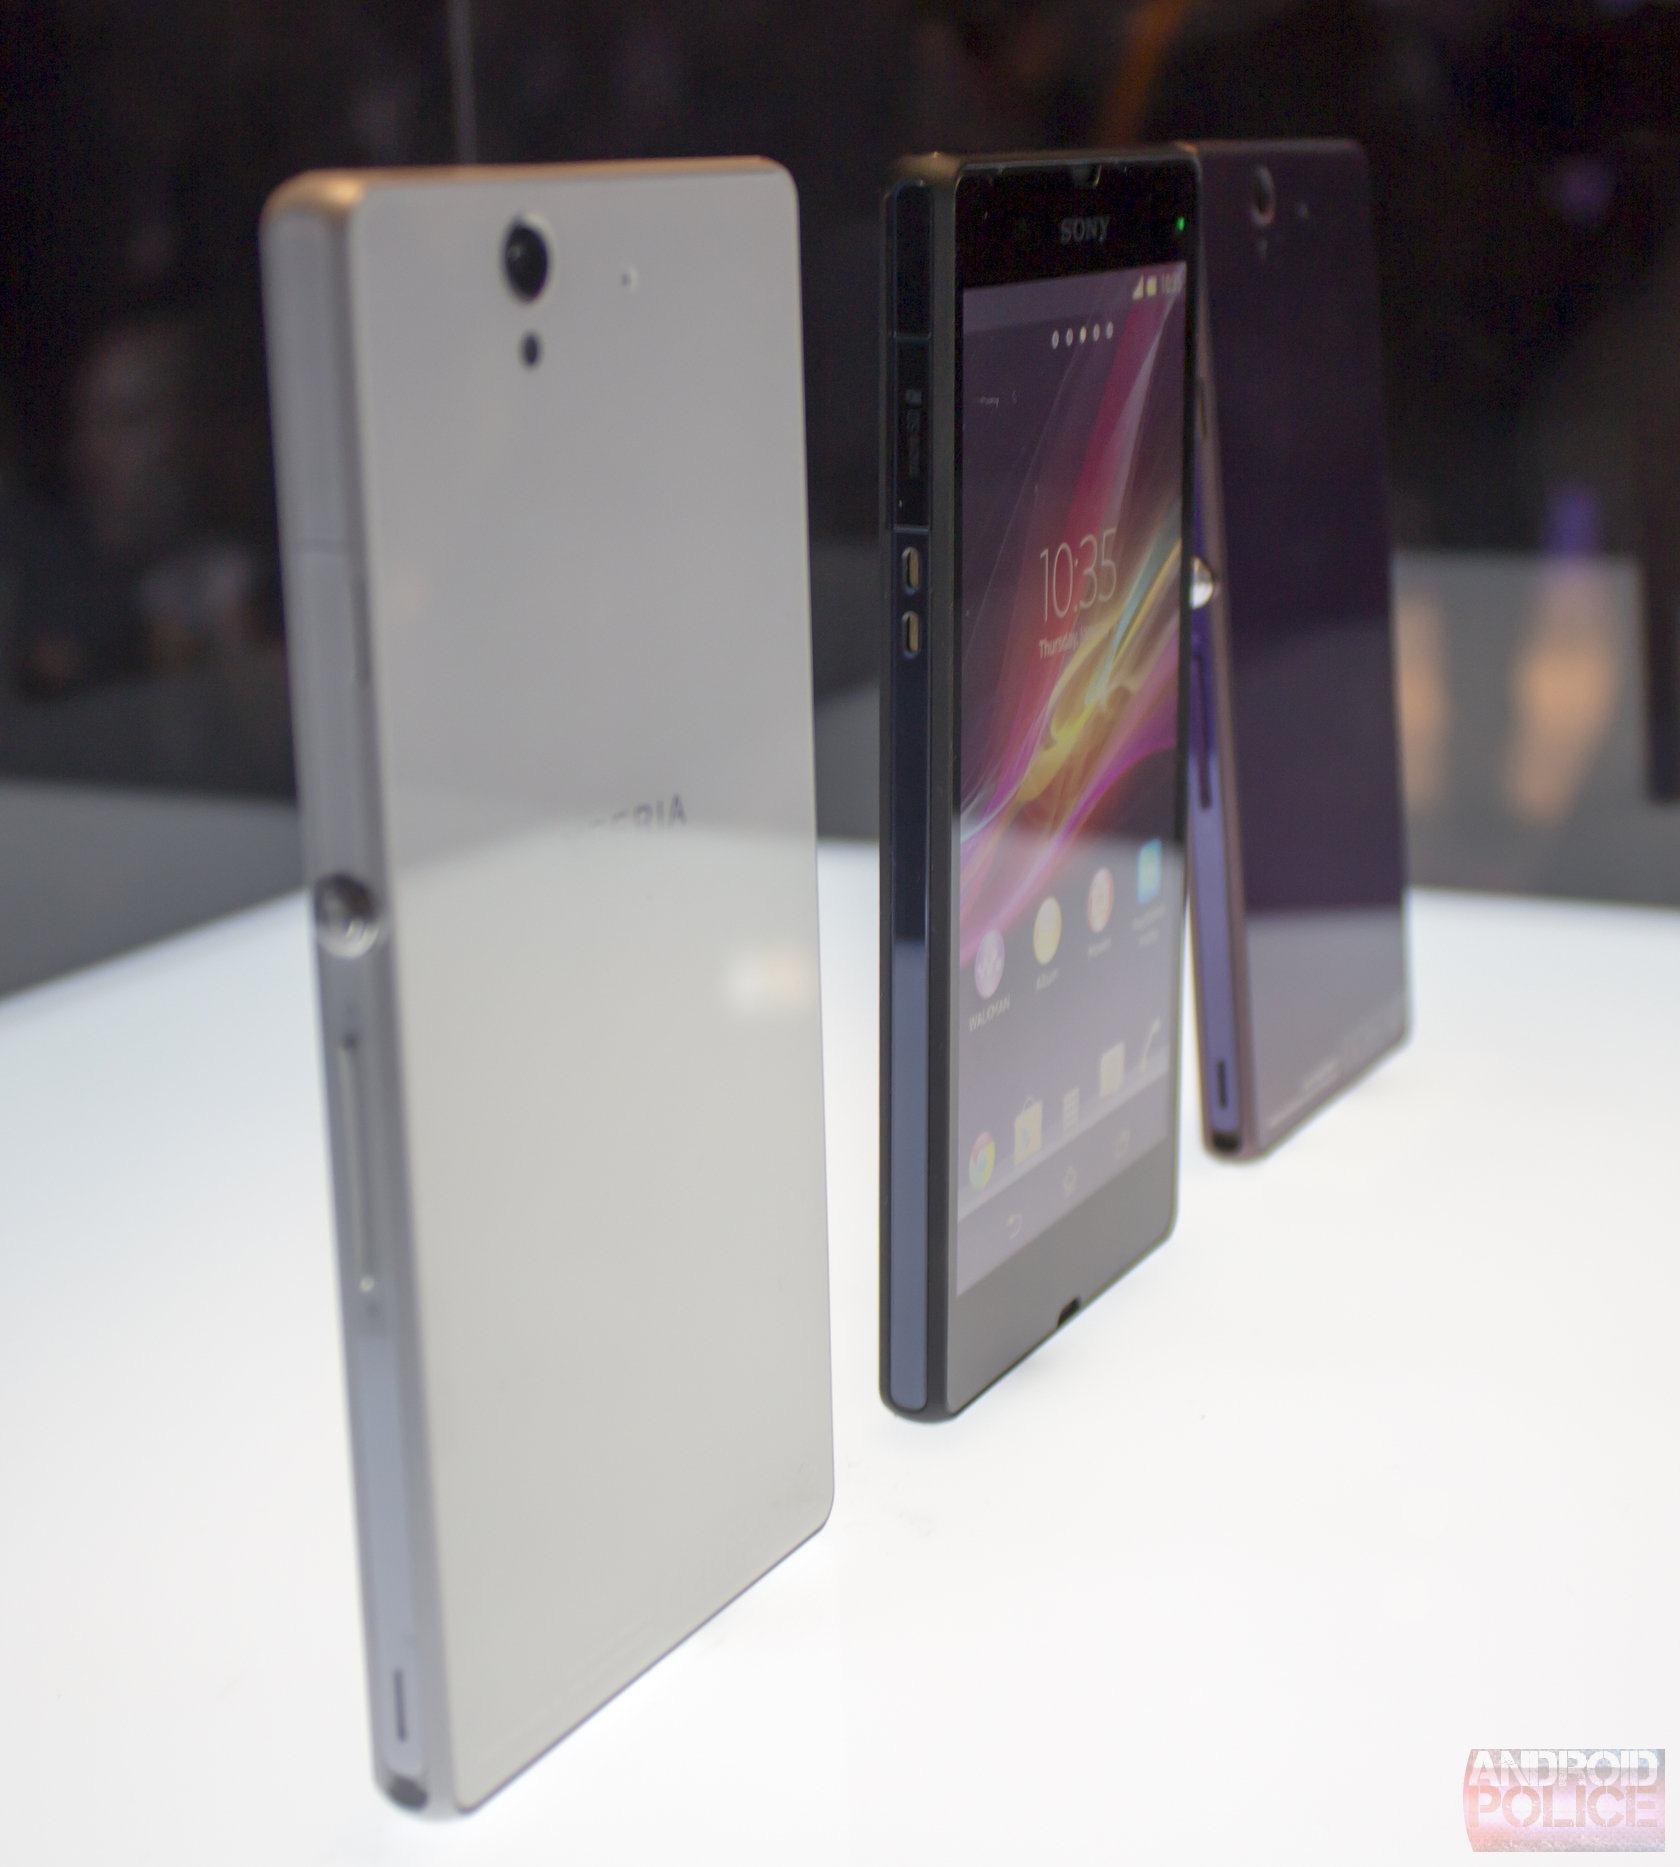 【画像あり】ダサすぎワロタ・・・ Sony、Xperia Zを正式公開 しかもHTC J蝶以下のスペックと判明